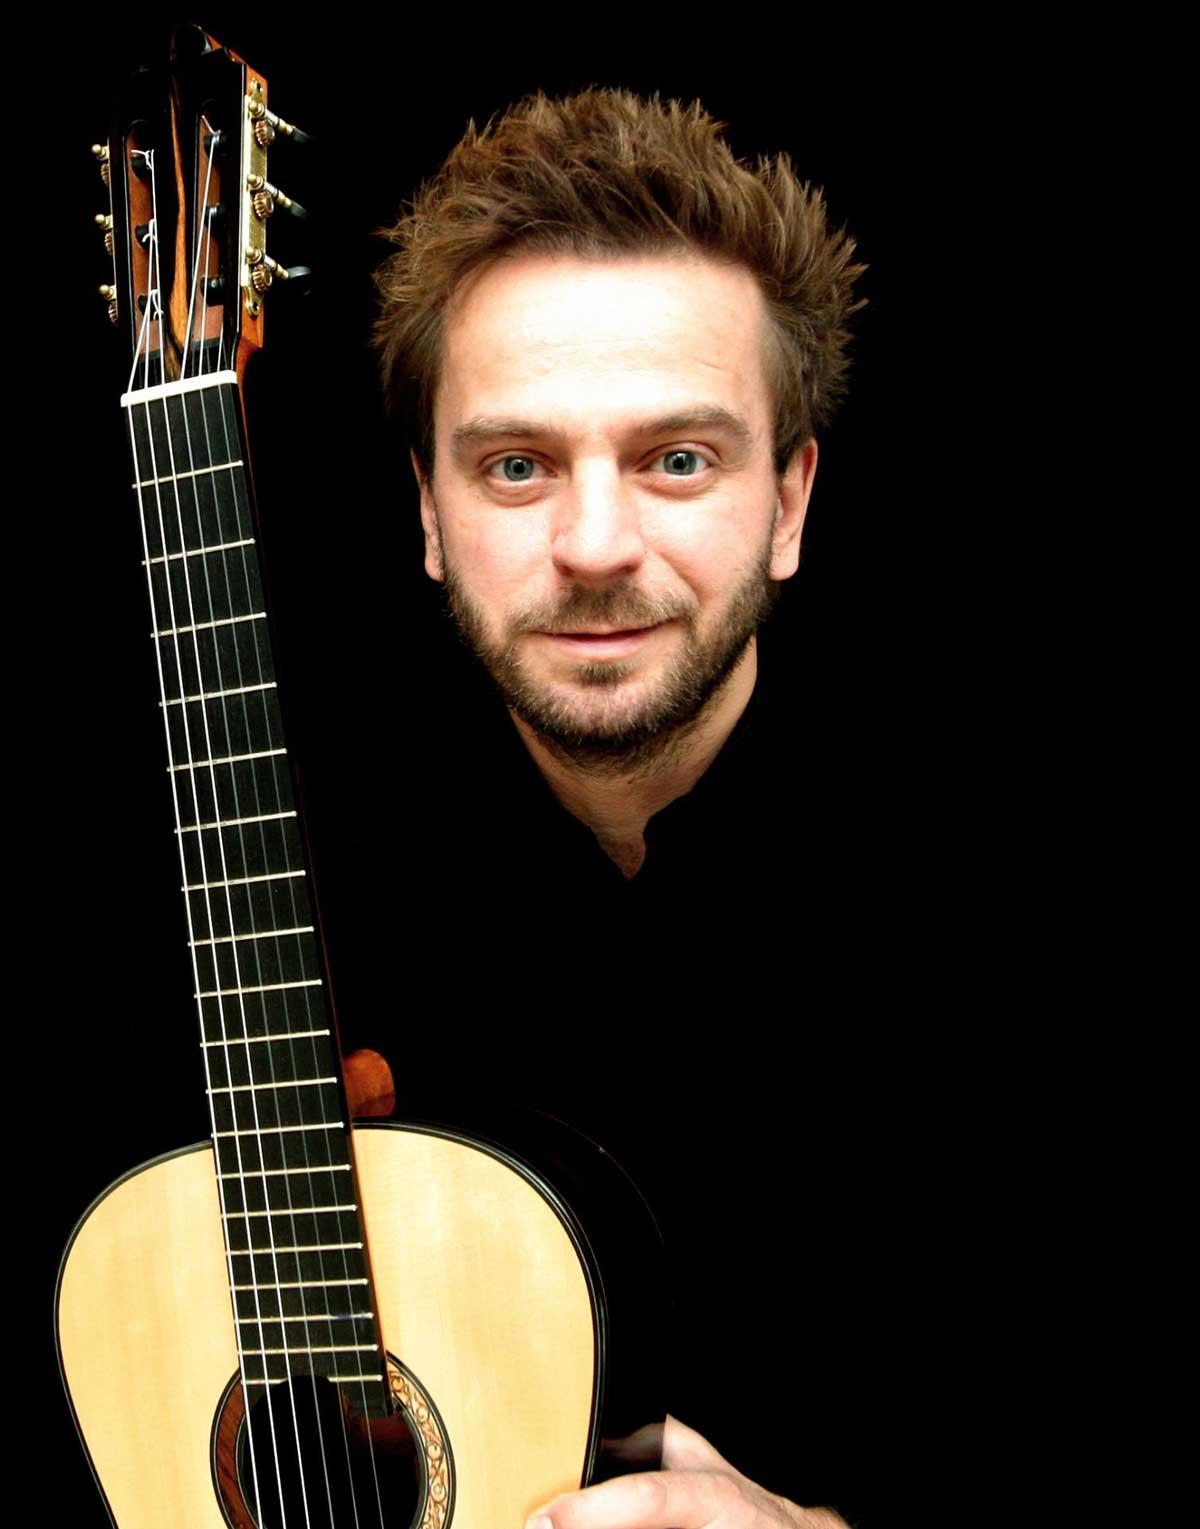 Marcin Dylla with a guitar